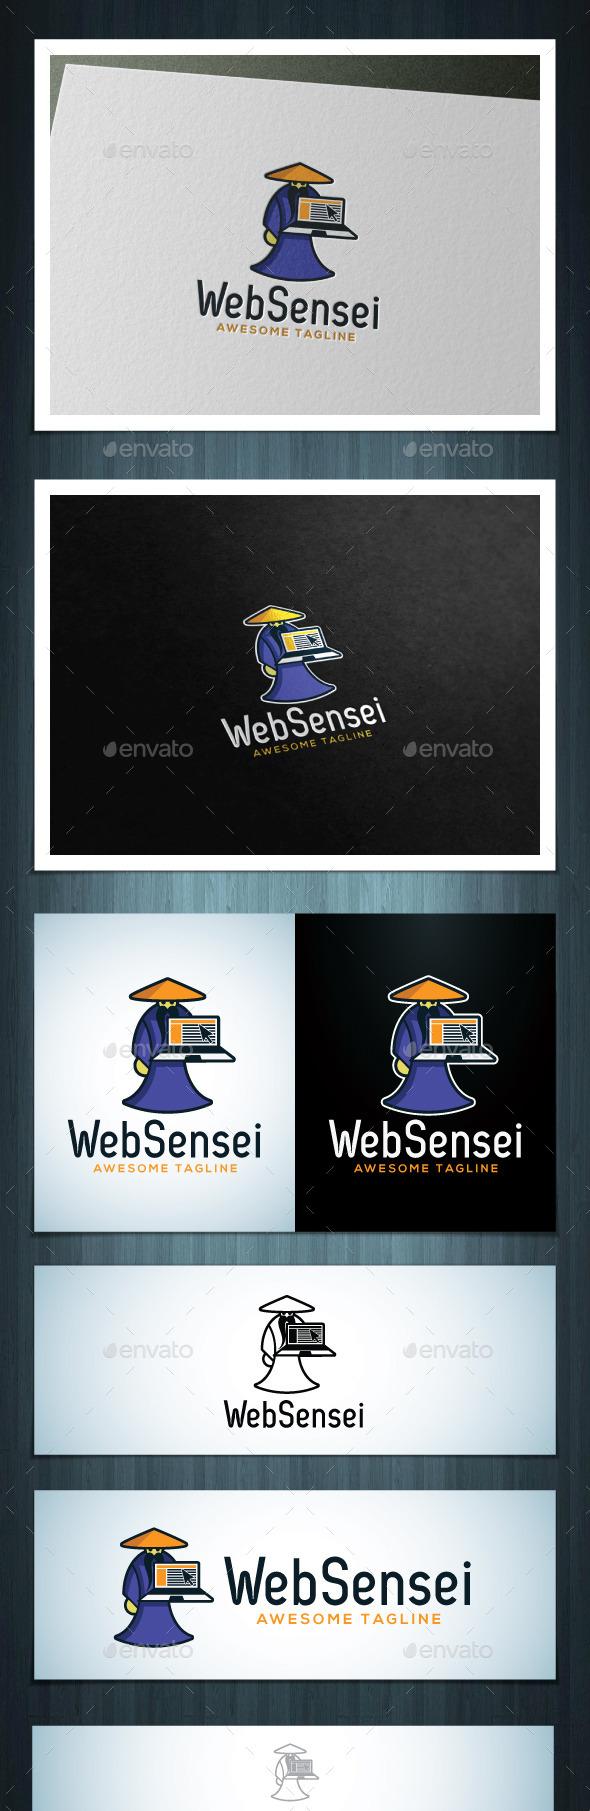 Web Sensei - Vector Abstract